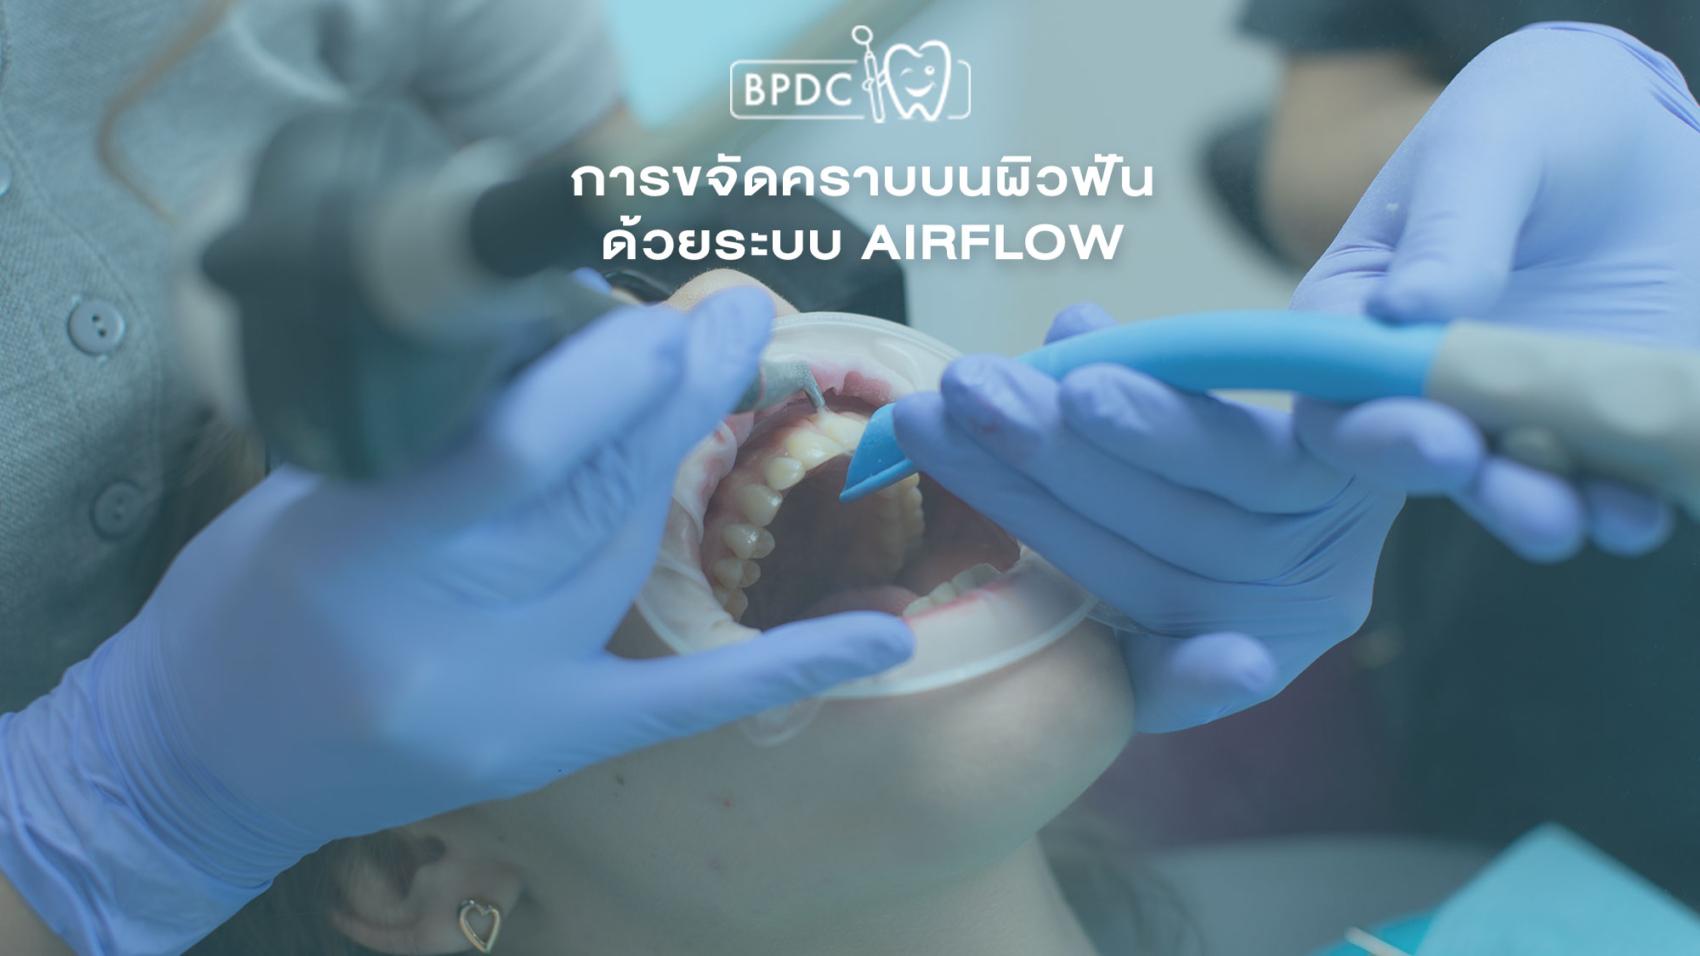 การขจัดคราบบนผิวฟันด้วยระบบ Airflow